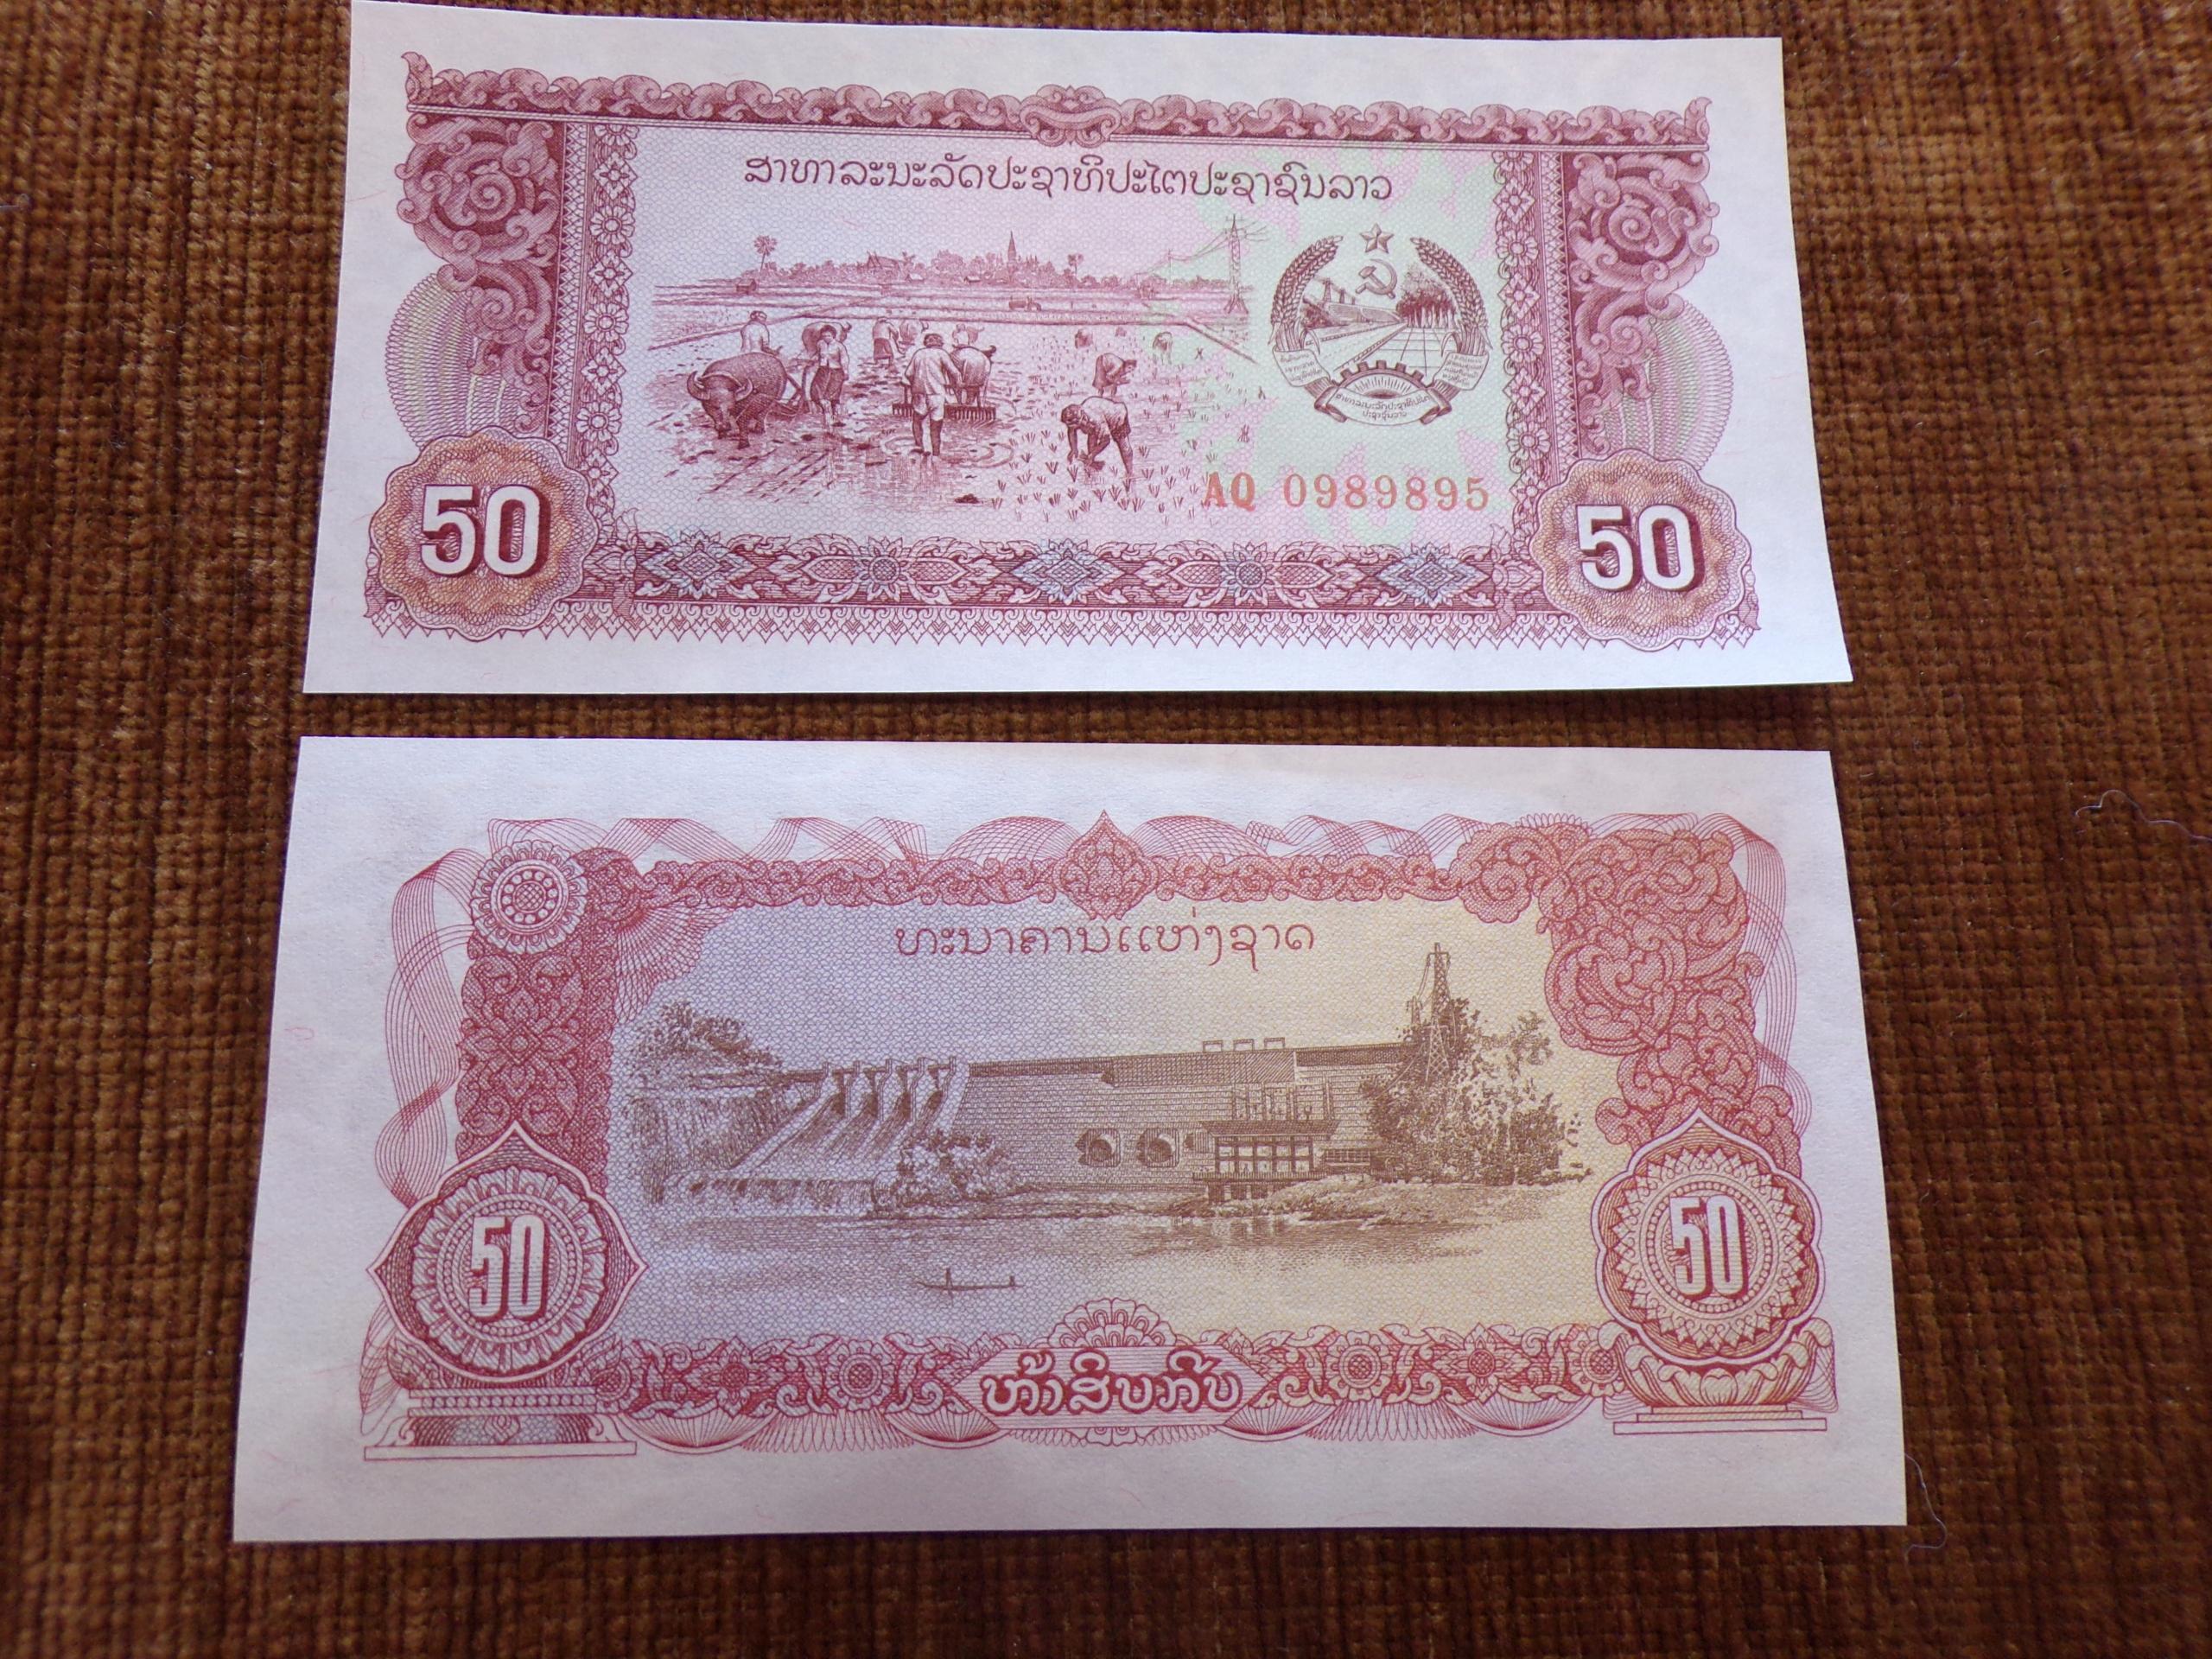 661.LAOS 50 KIP UNC